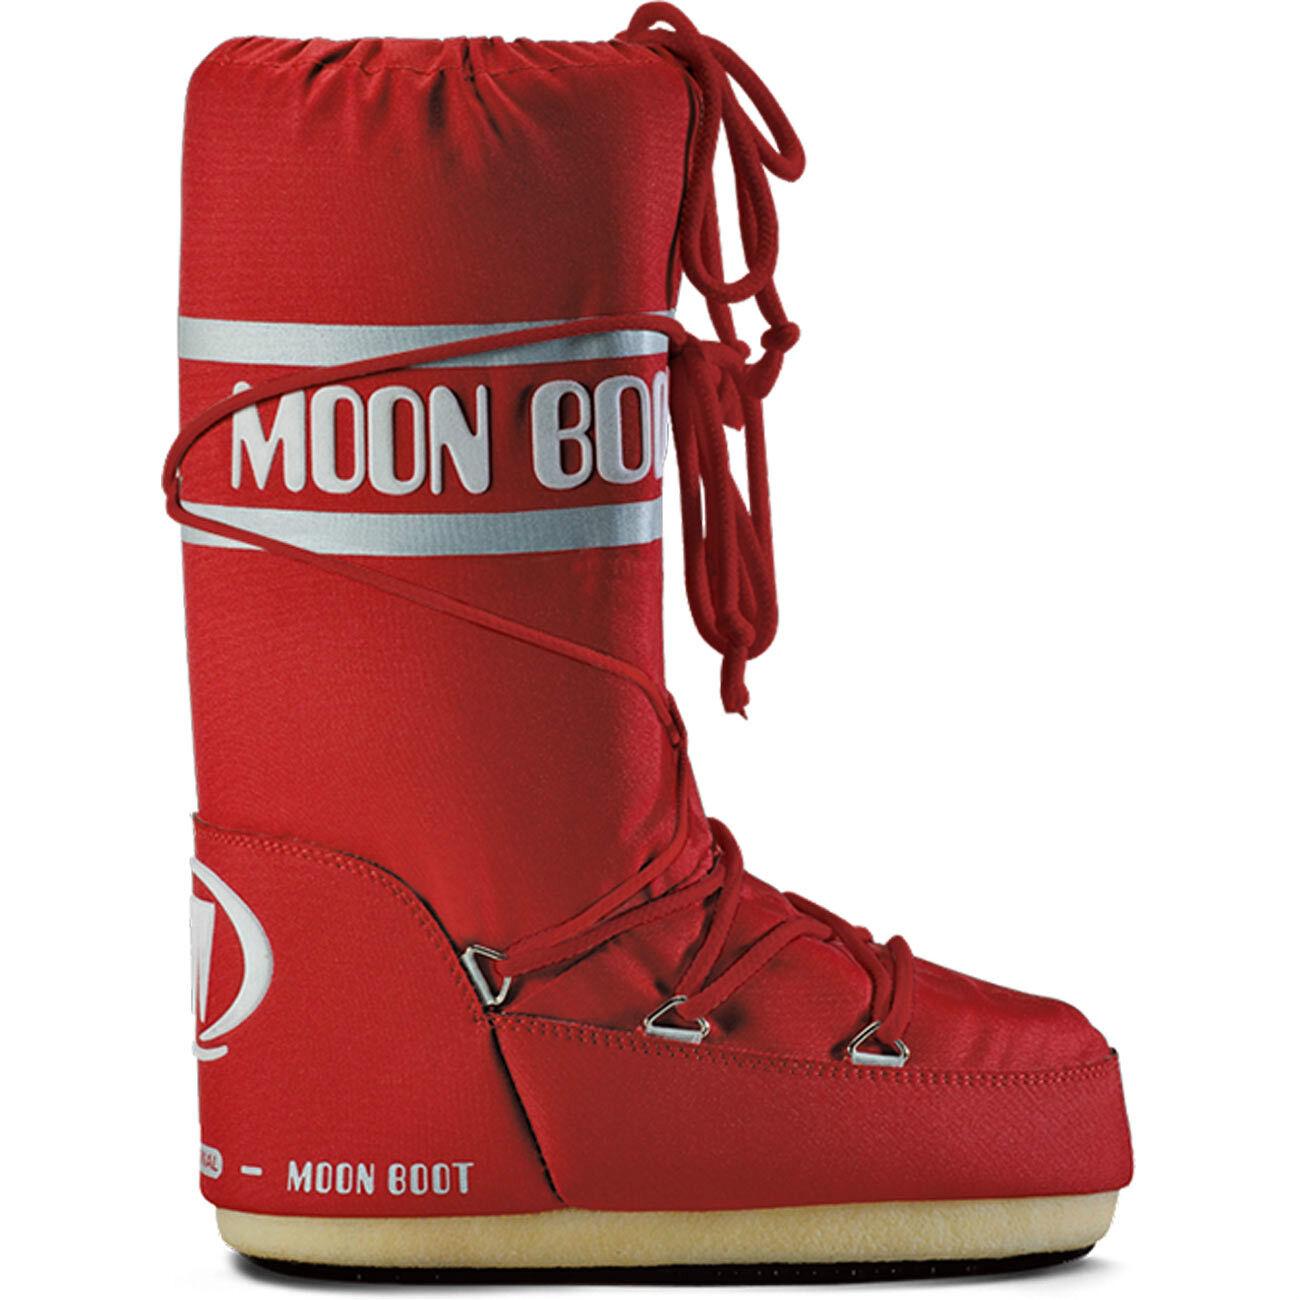 TECNICA MoonStiefel Moonboot Moon snow Boot Stiefel Nylon Schneestiefel Stiefel snow Moon rot 69a17b